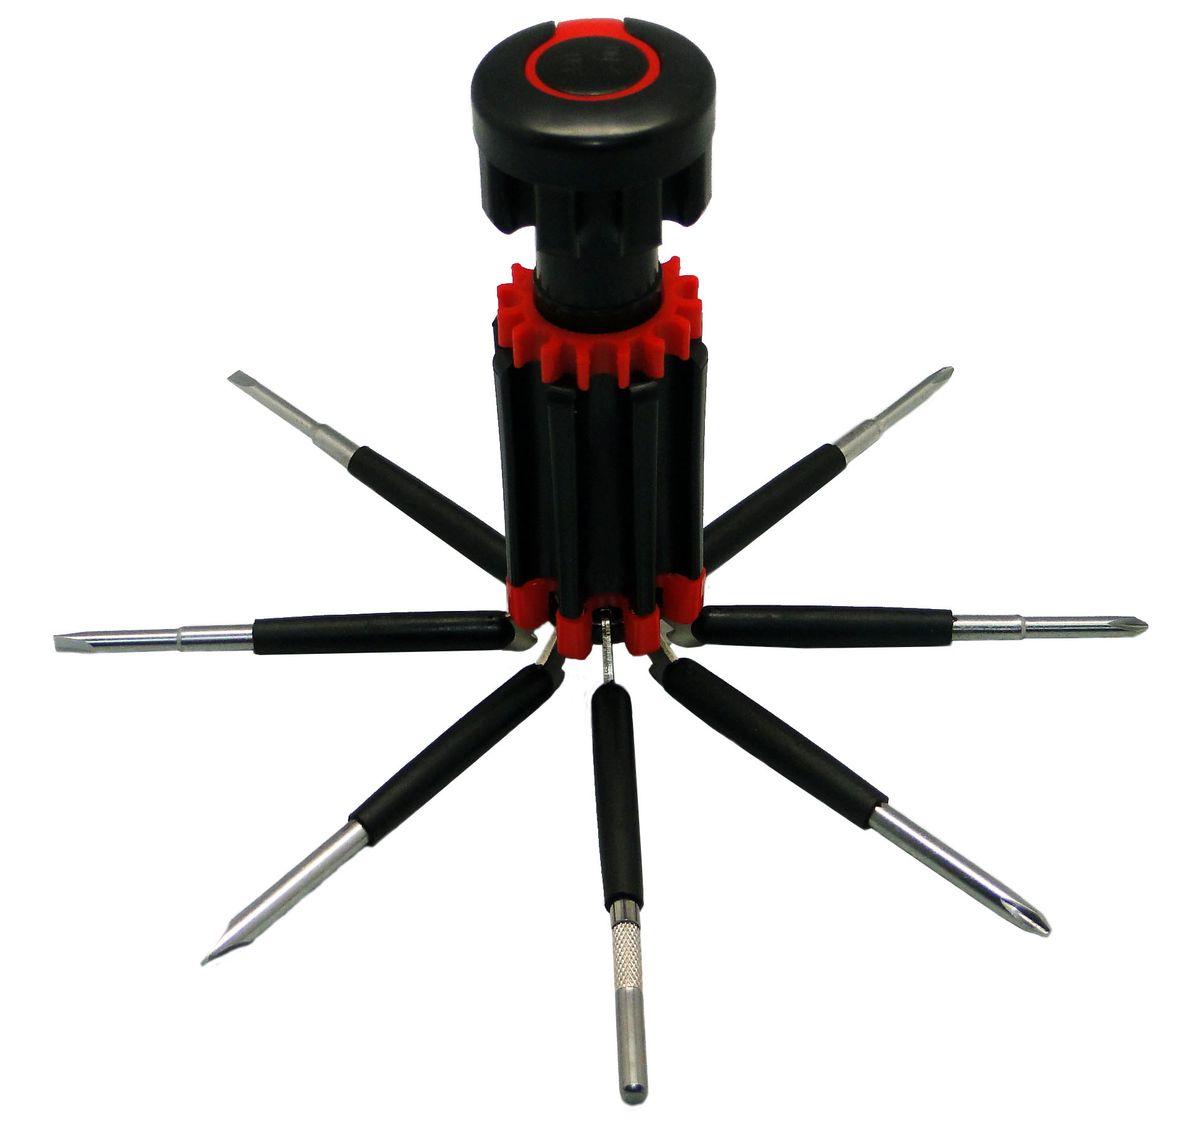 Отвертка Sapfire, многофункциональная5002-SASМногофункциональная отвертка Sapfire имеет компактный дизайн и легкий вес. Инструмент многофункциональный, содержит 8 разных отверток: 4 крестовые, 4 шлицевые. Магнитный наконечник изготовлен из углеродной стали. Экстра-стойкий механизм, электроизолируемая ручка. Отвертка дополнена клипсой для крепления на одежду.Инструмент дополнен светодиодным фонариком (питание 3хААА).Батарейки в комплект не входят.